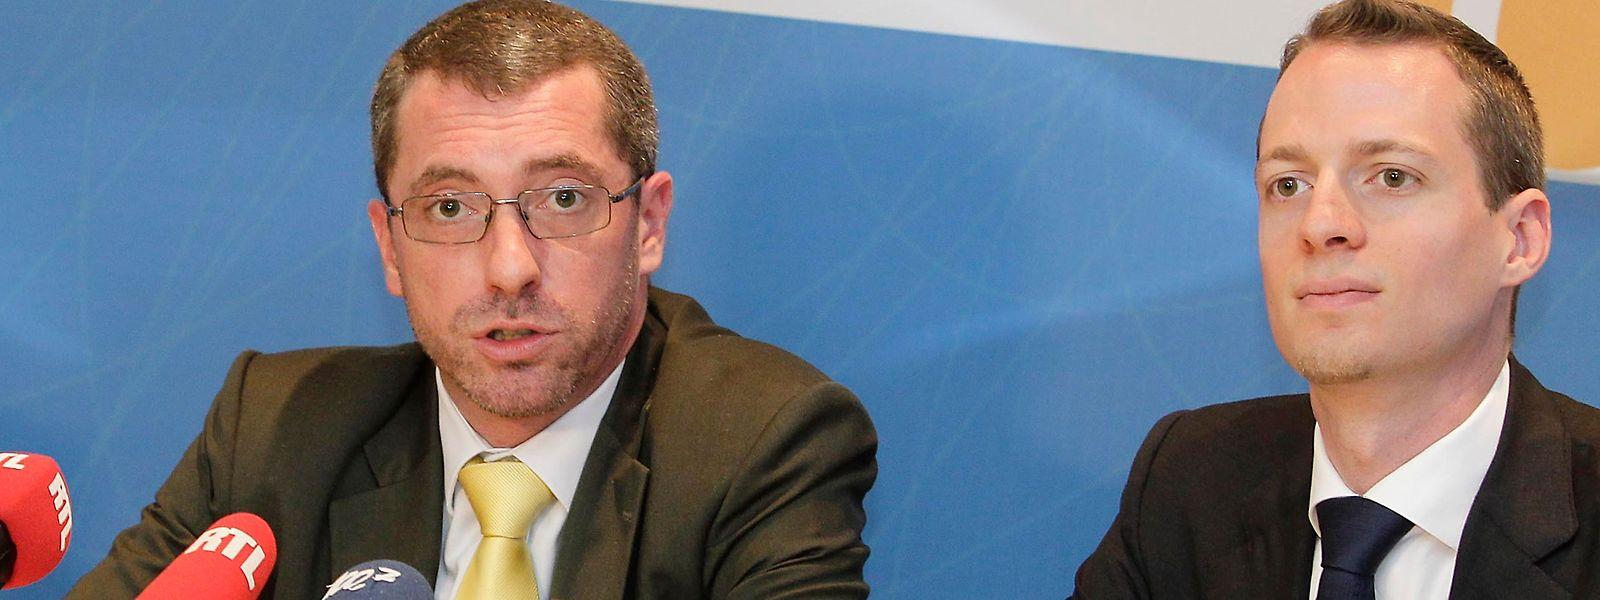 Serge Wilmes (l.)und Frank Engel wollen beide Präsident der CSV werden.